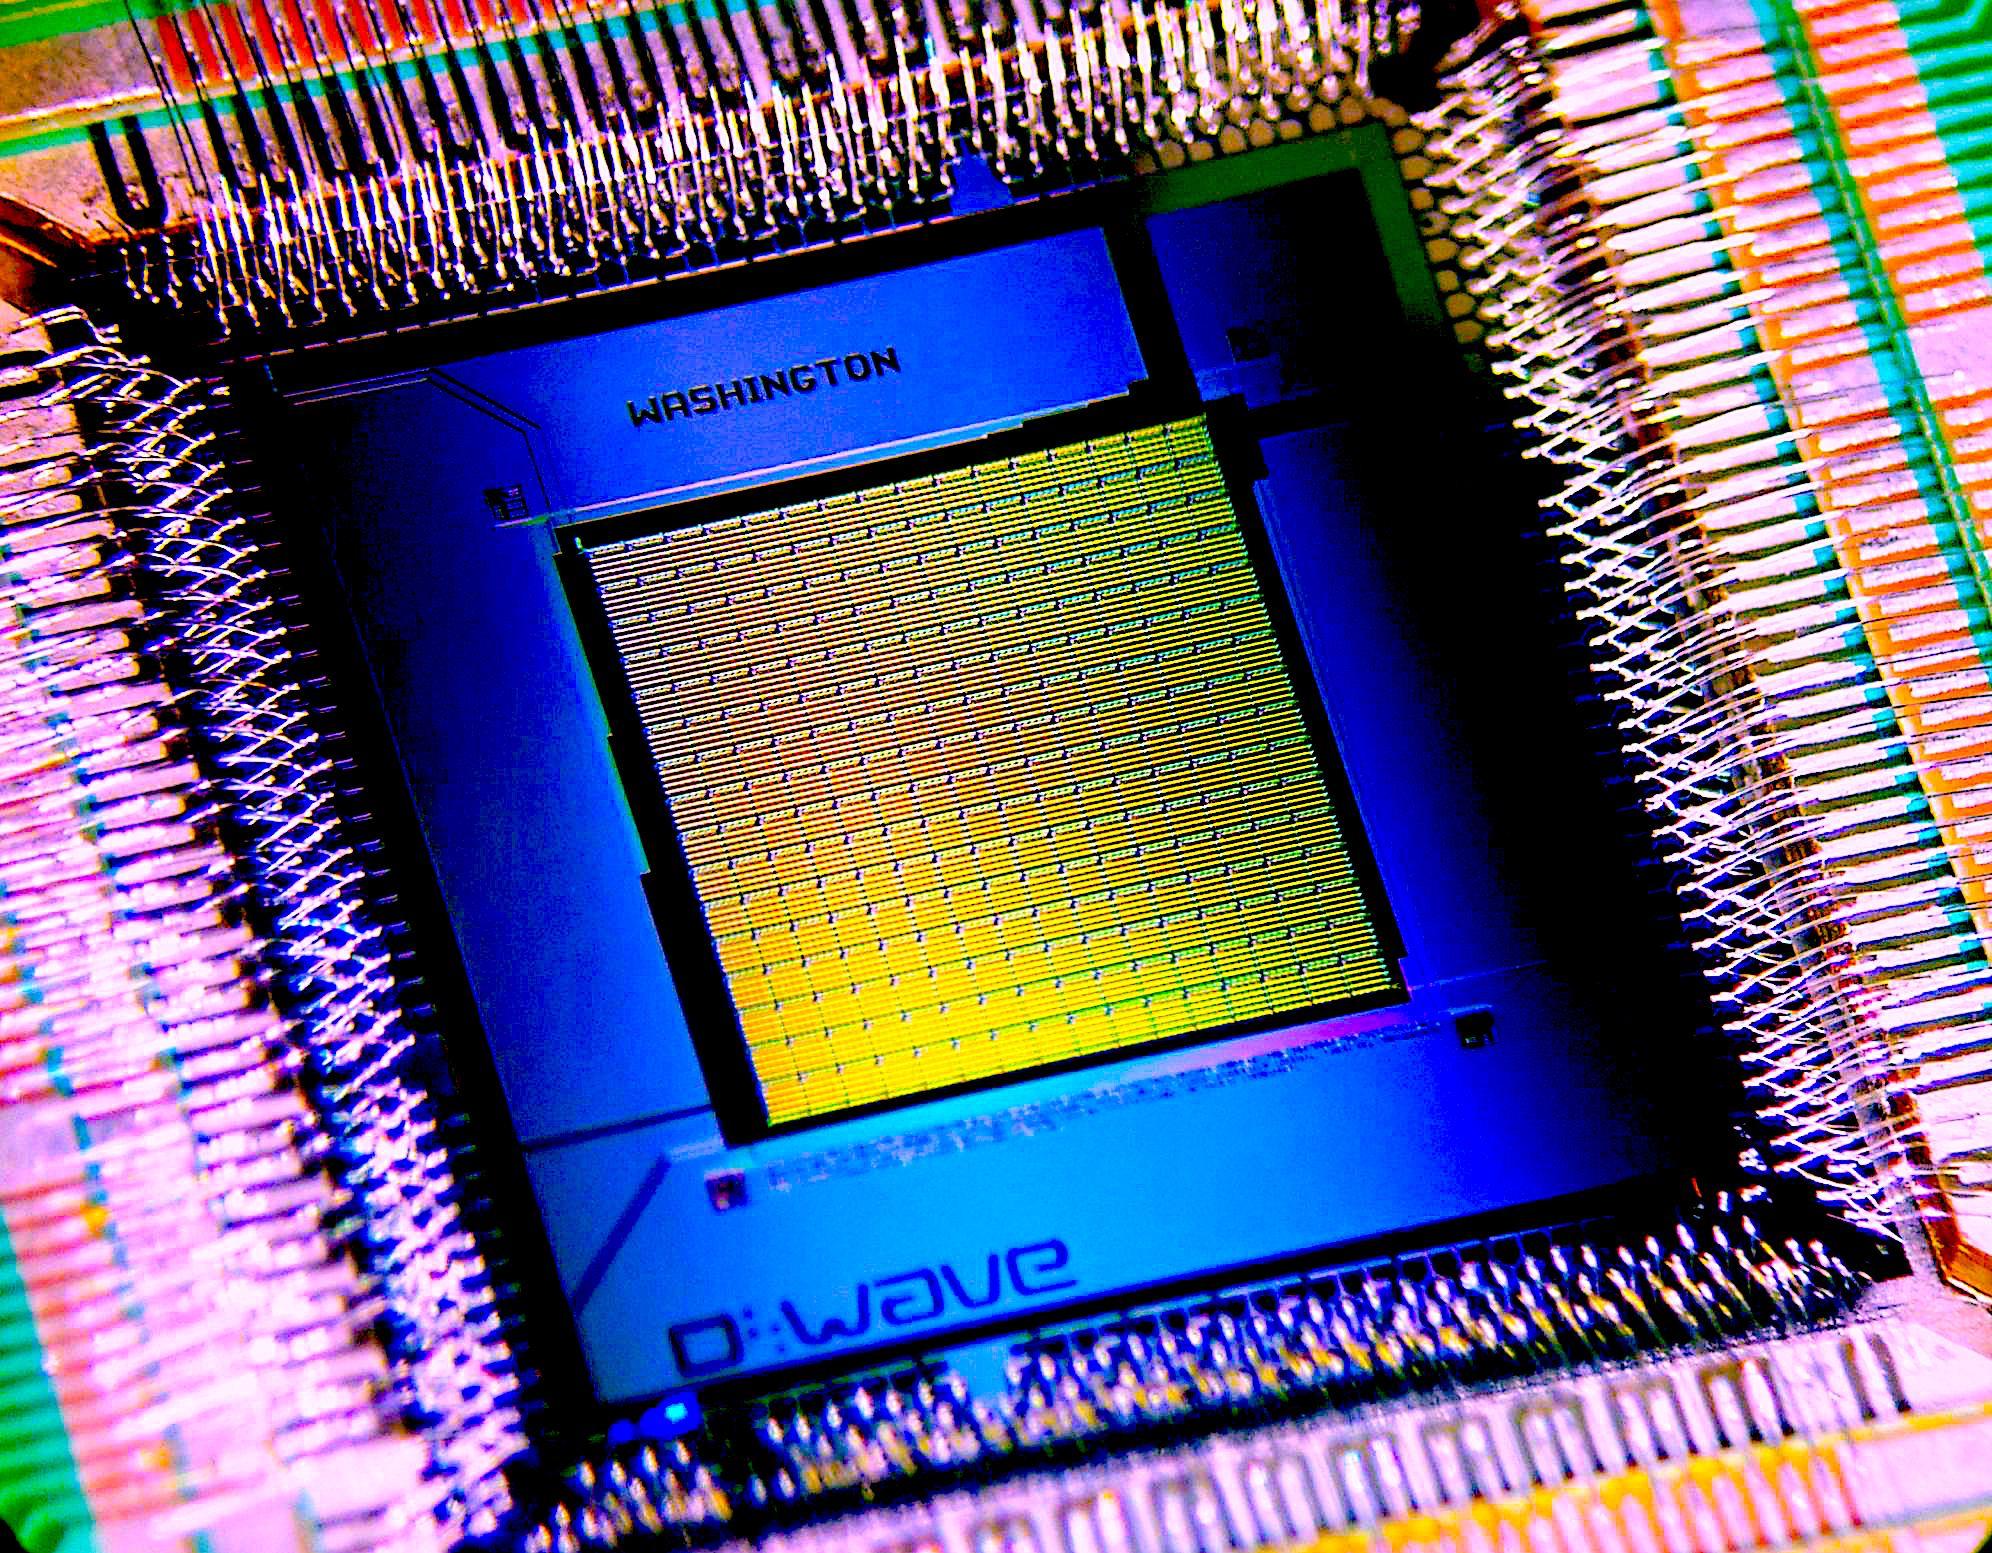 Sadly, not a 2K qubit chip,, only a 1K model...